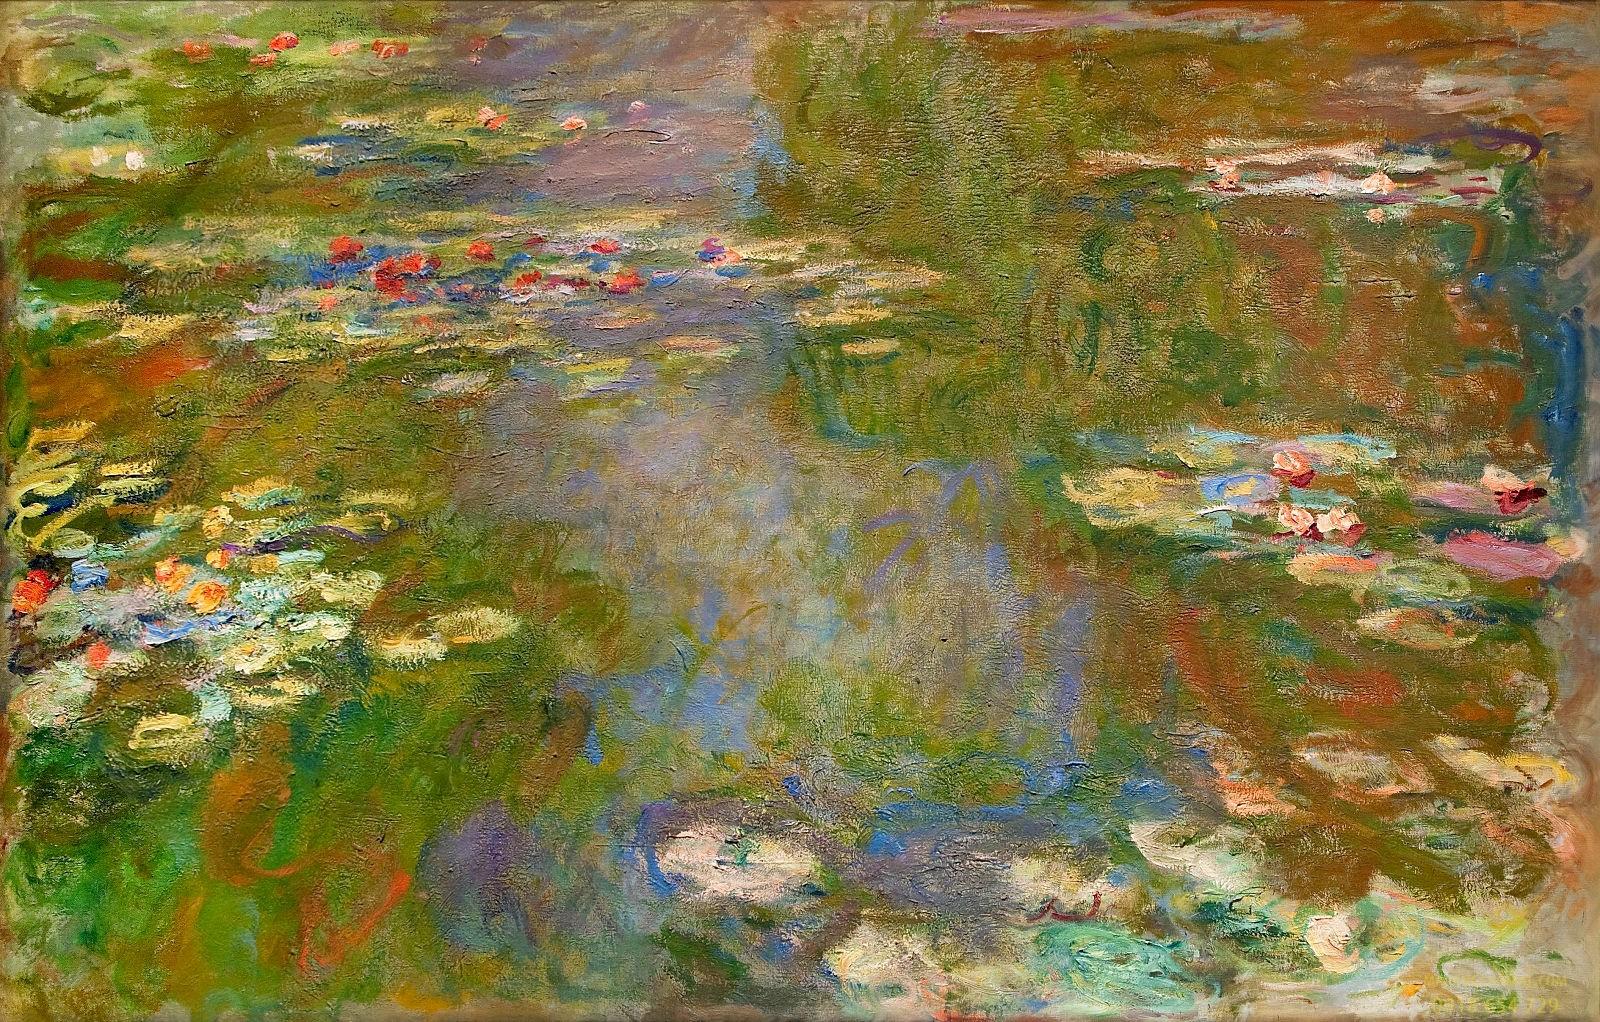 Những bức tranh tranh sơn dầu phong cảnh nổi tiếng nhất mọi thời đại